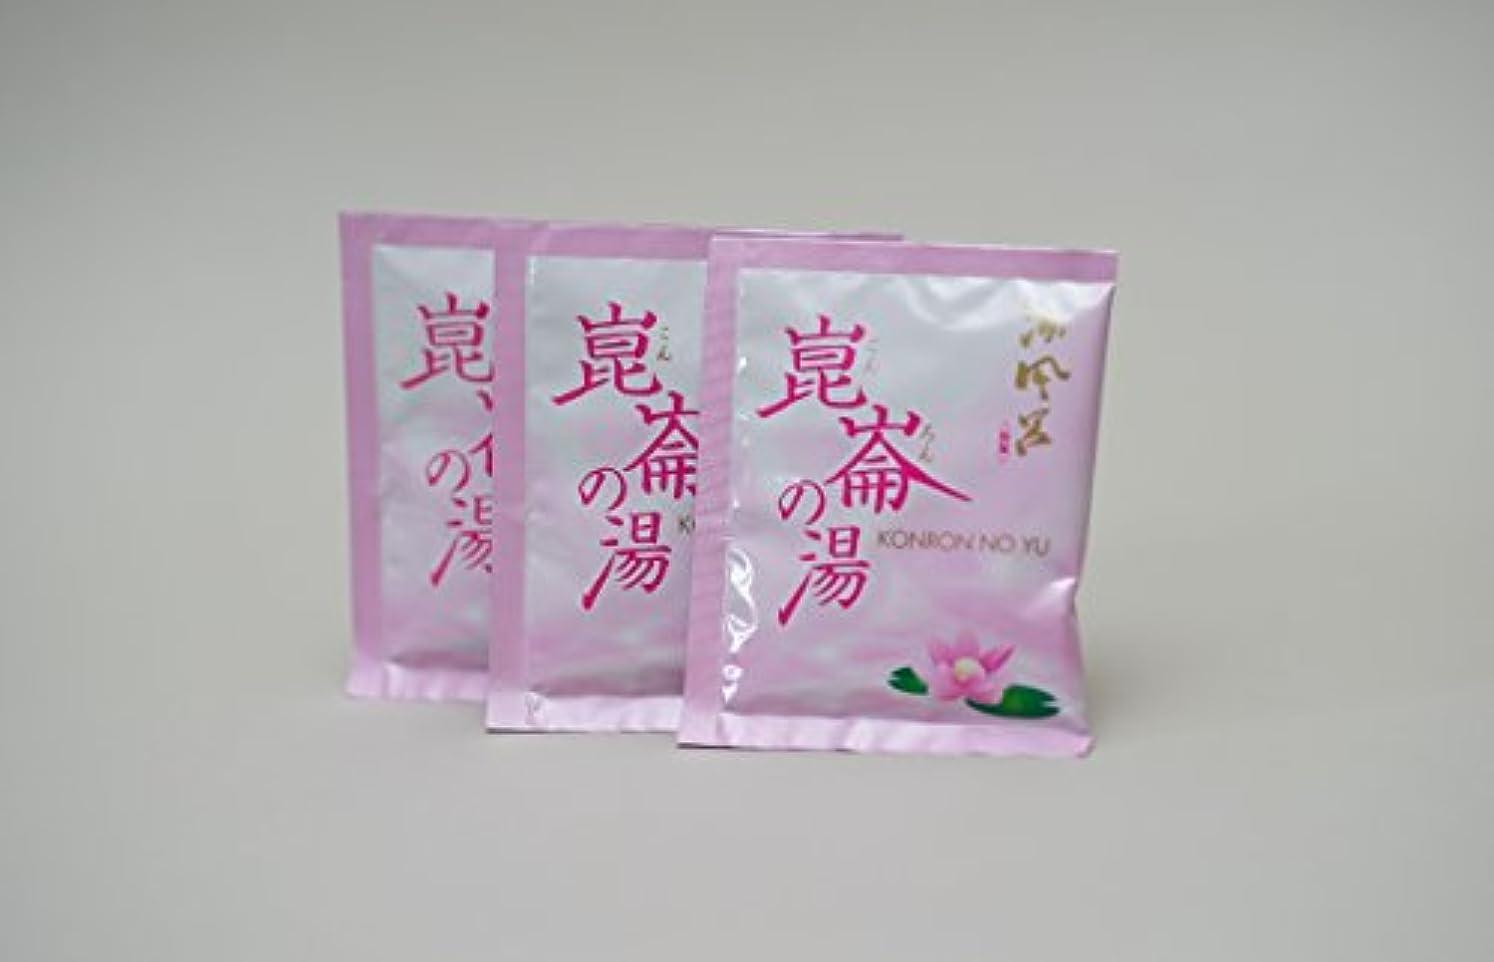 話をするプーノ聴衆酒風呂入浴剤「崑崙の湯」( 日本酒風呂 ) 粉末タイプ (トライアルセット)(2袋で清酒5合の量に相当)